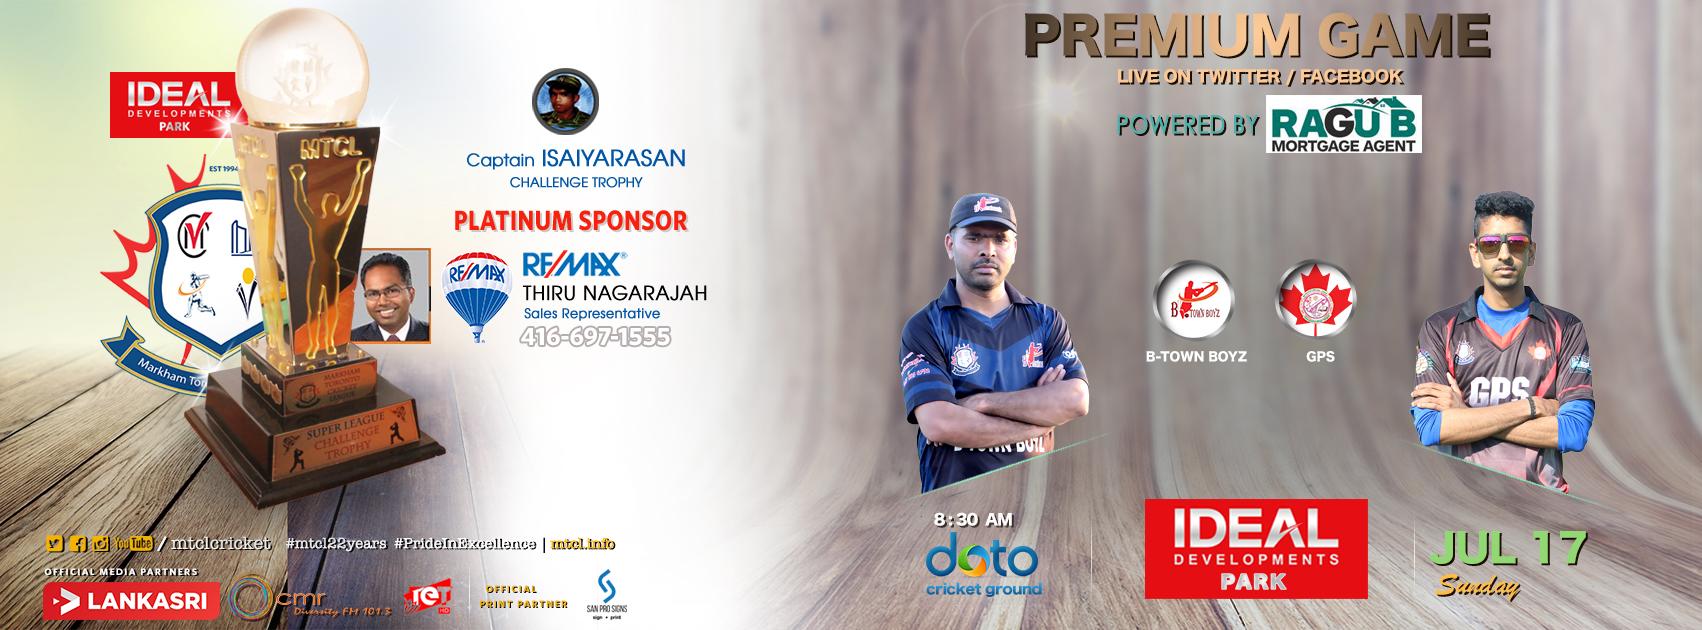 Premium Games-IsaiYarasan2016